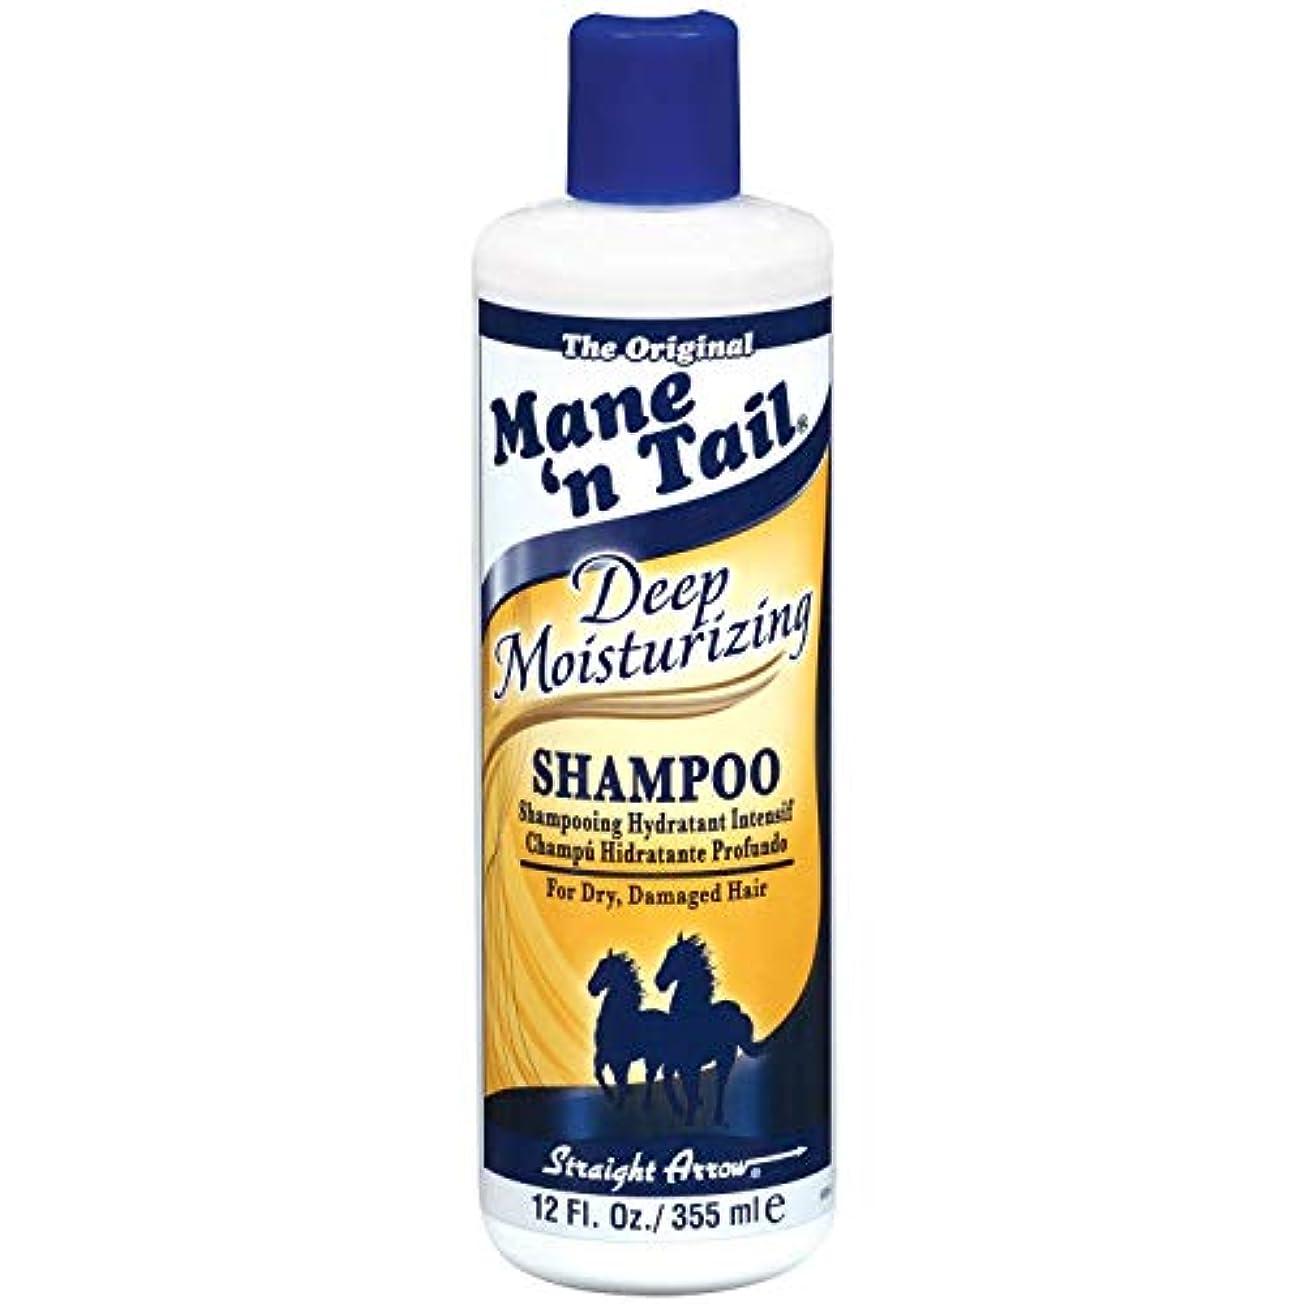 クマノミ虐殺マルクス主義者(馬のたてがみ メインテイル ディープ モイスチャライジング 乾燥髪?傷んだ髪用 シャンプー)Mane'n Tail Deep Moisturizing Shampoo (並行輸入品) [並行輸入品]